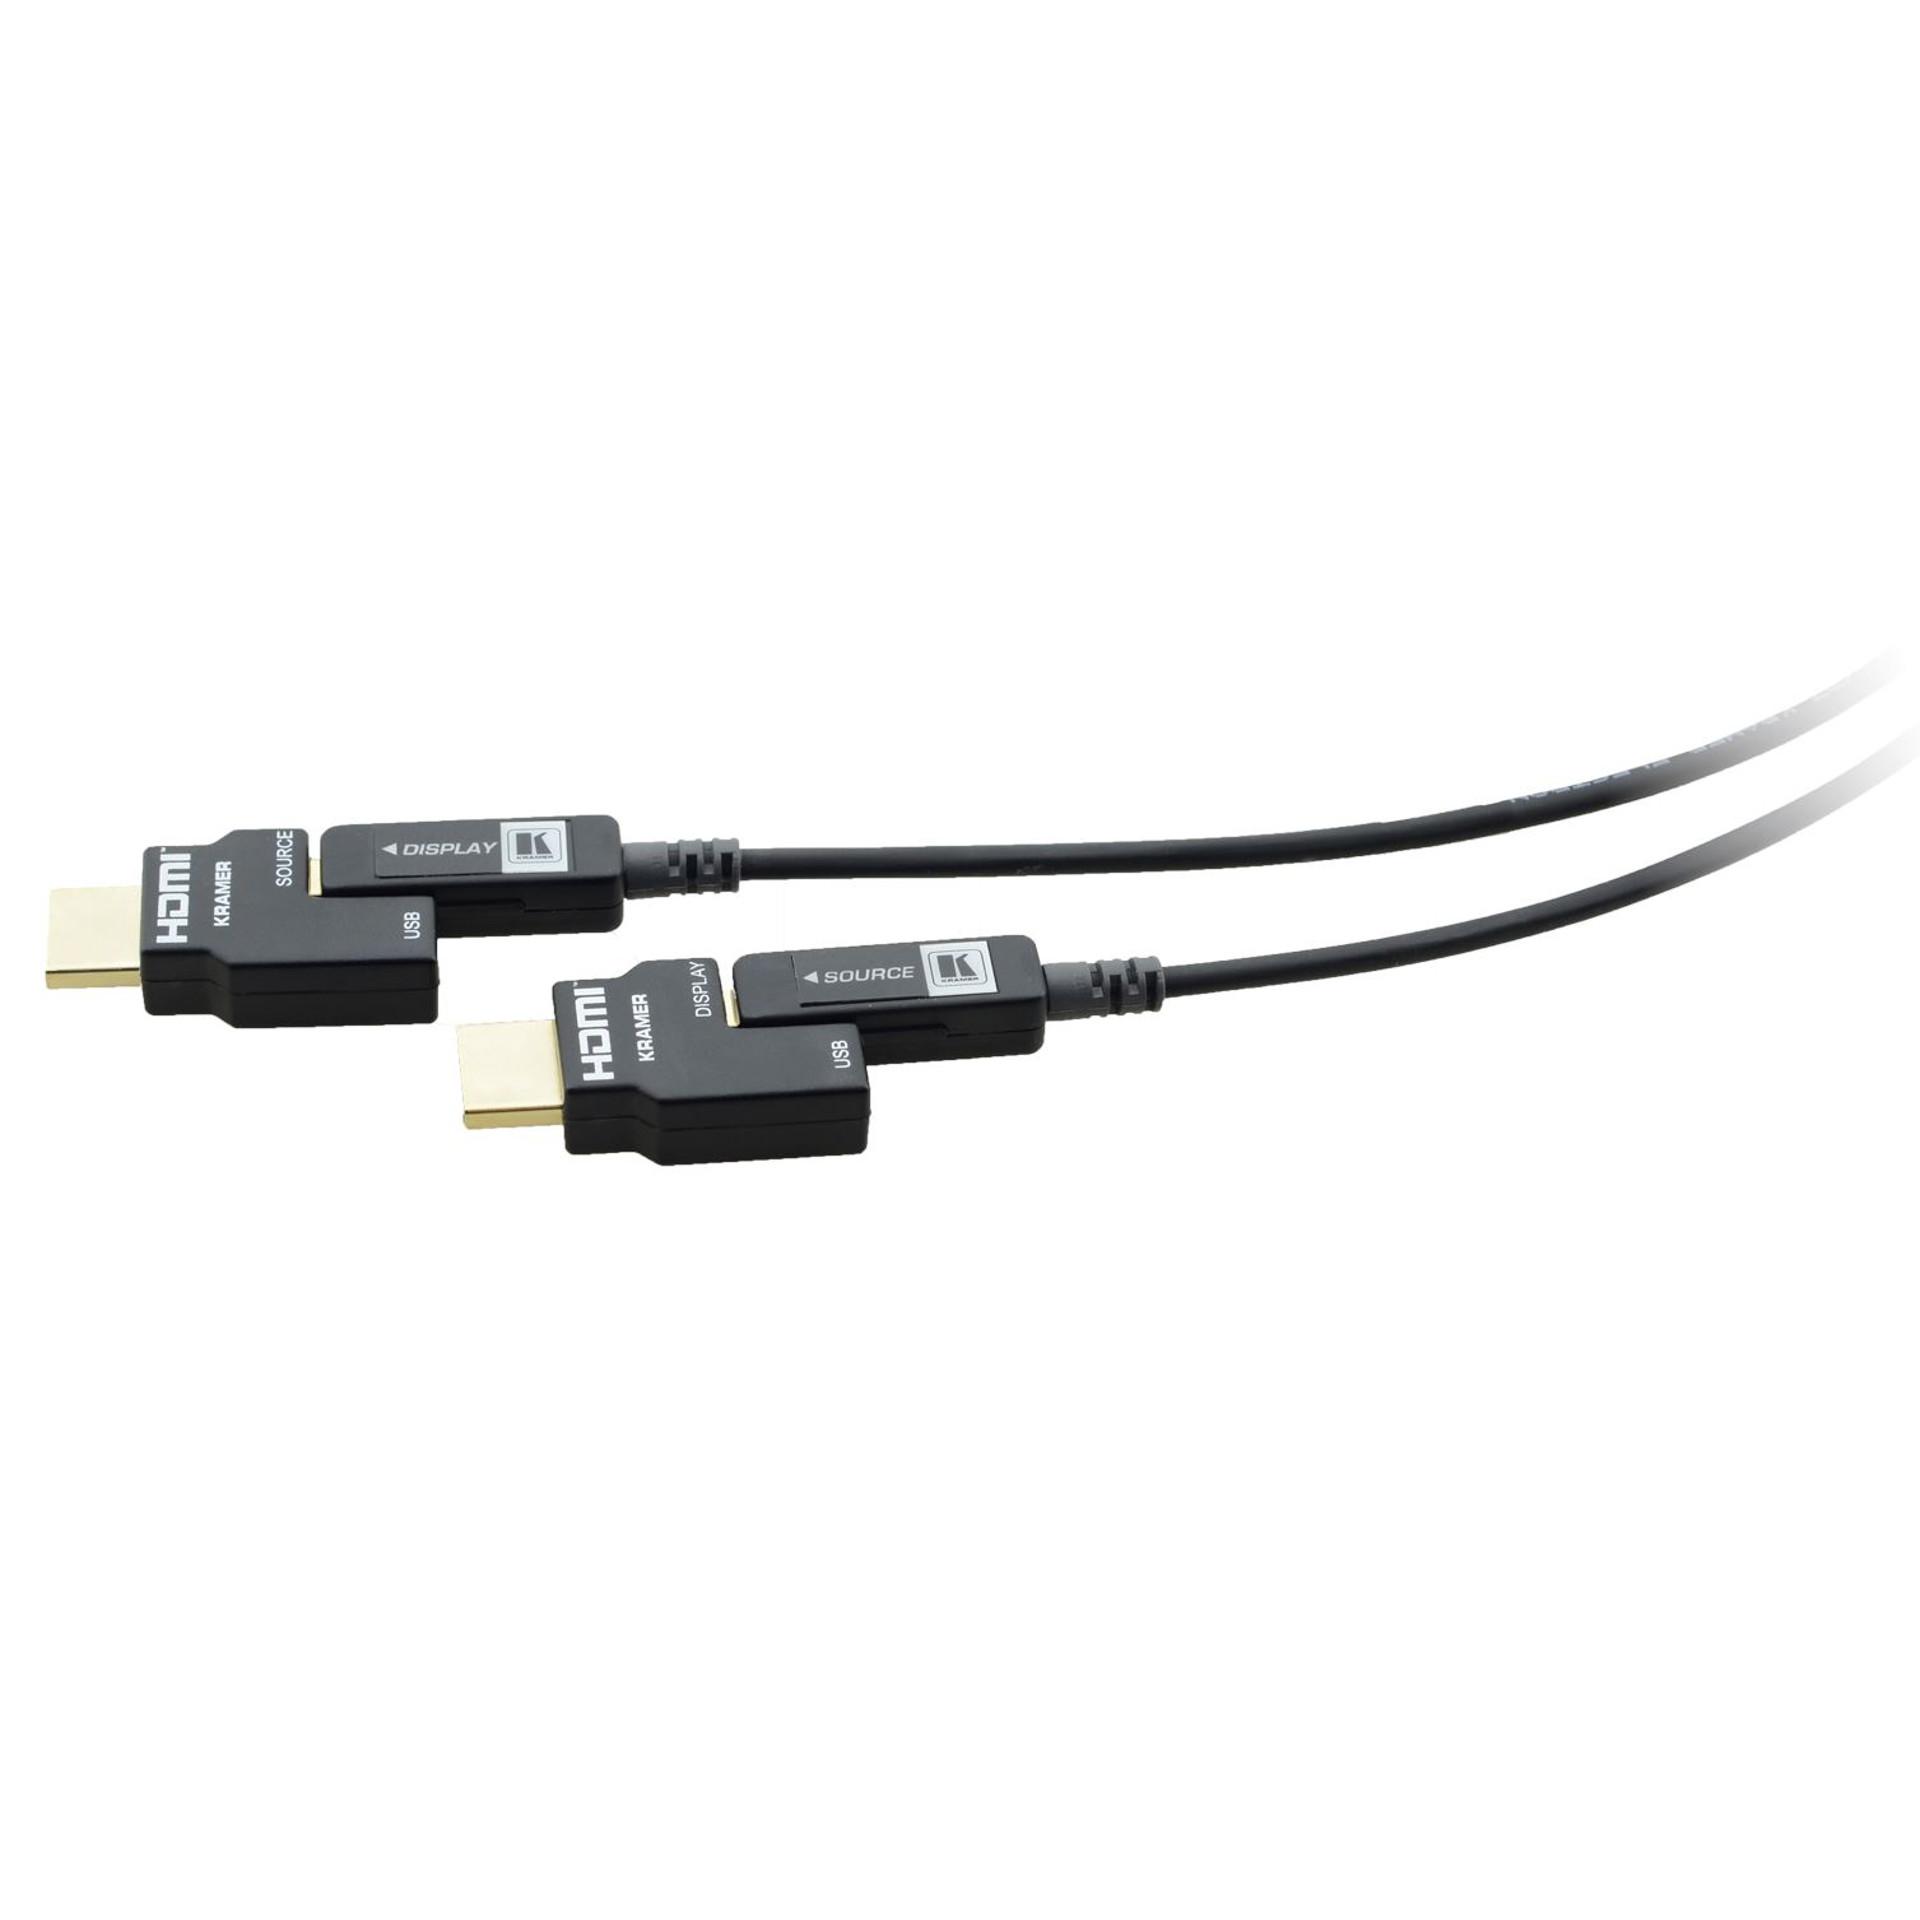 Gut gemocht CP-AOCH/60 Premium 4k HDMI Kabel - Kramer Electronics - BellEquip JZ57